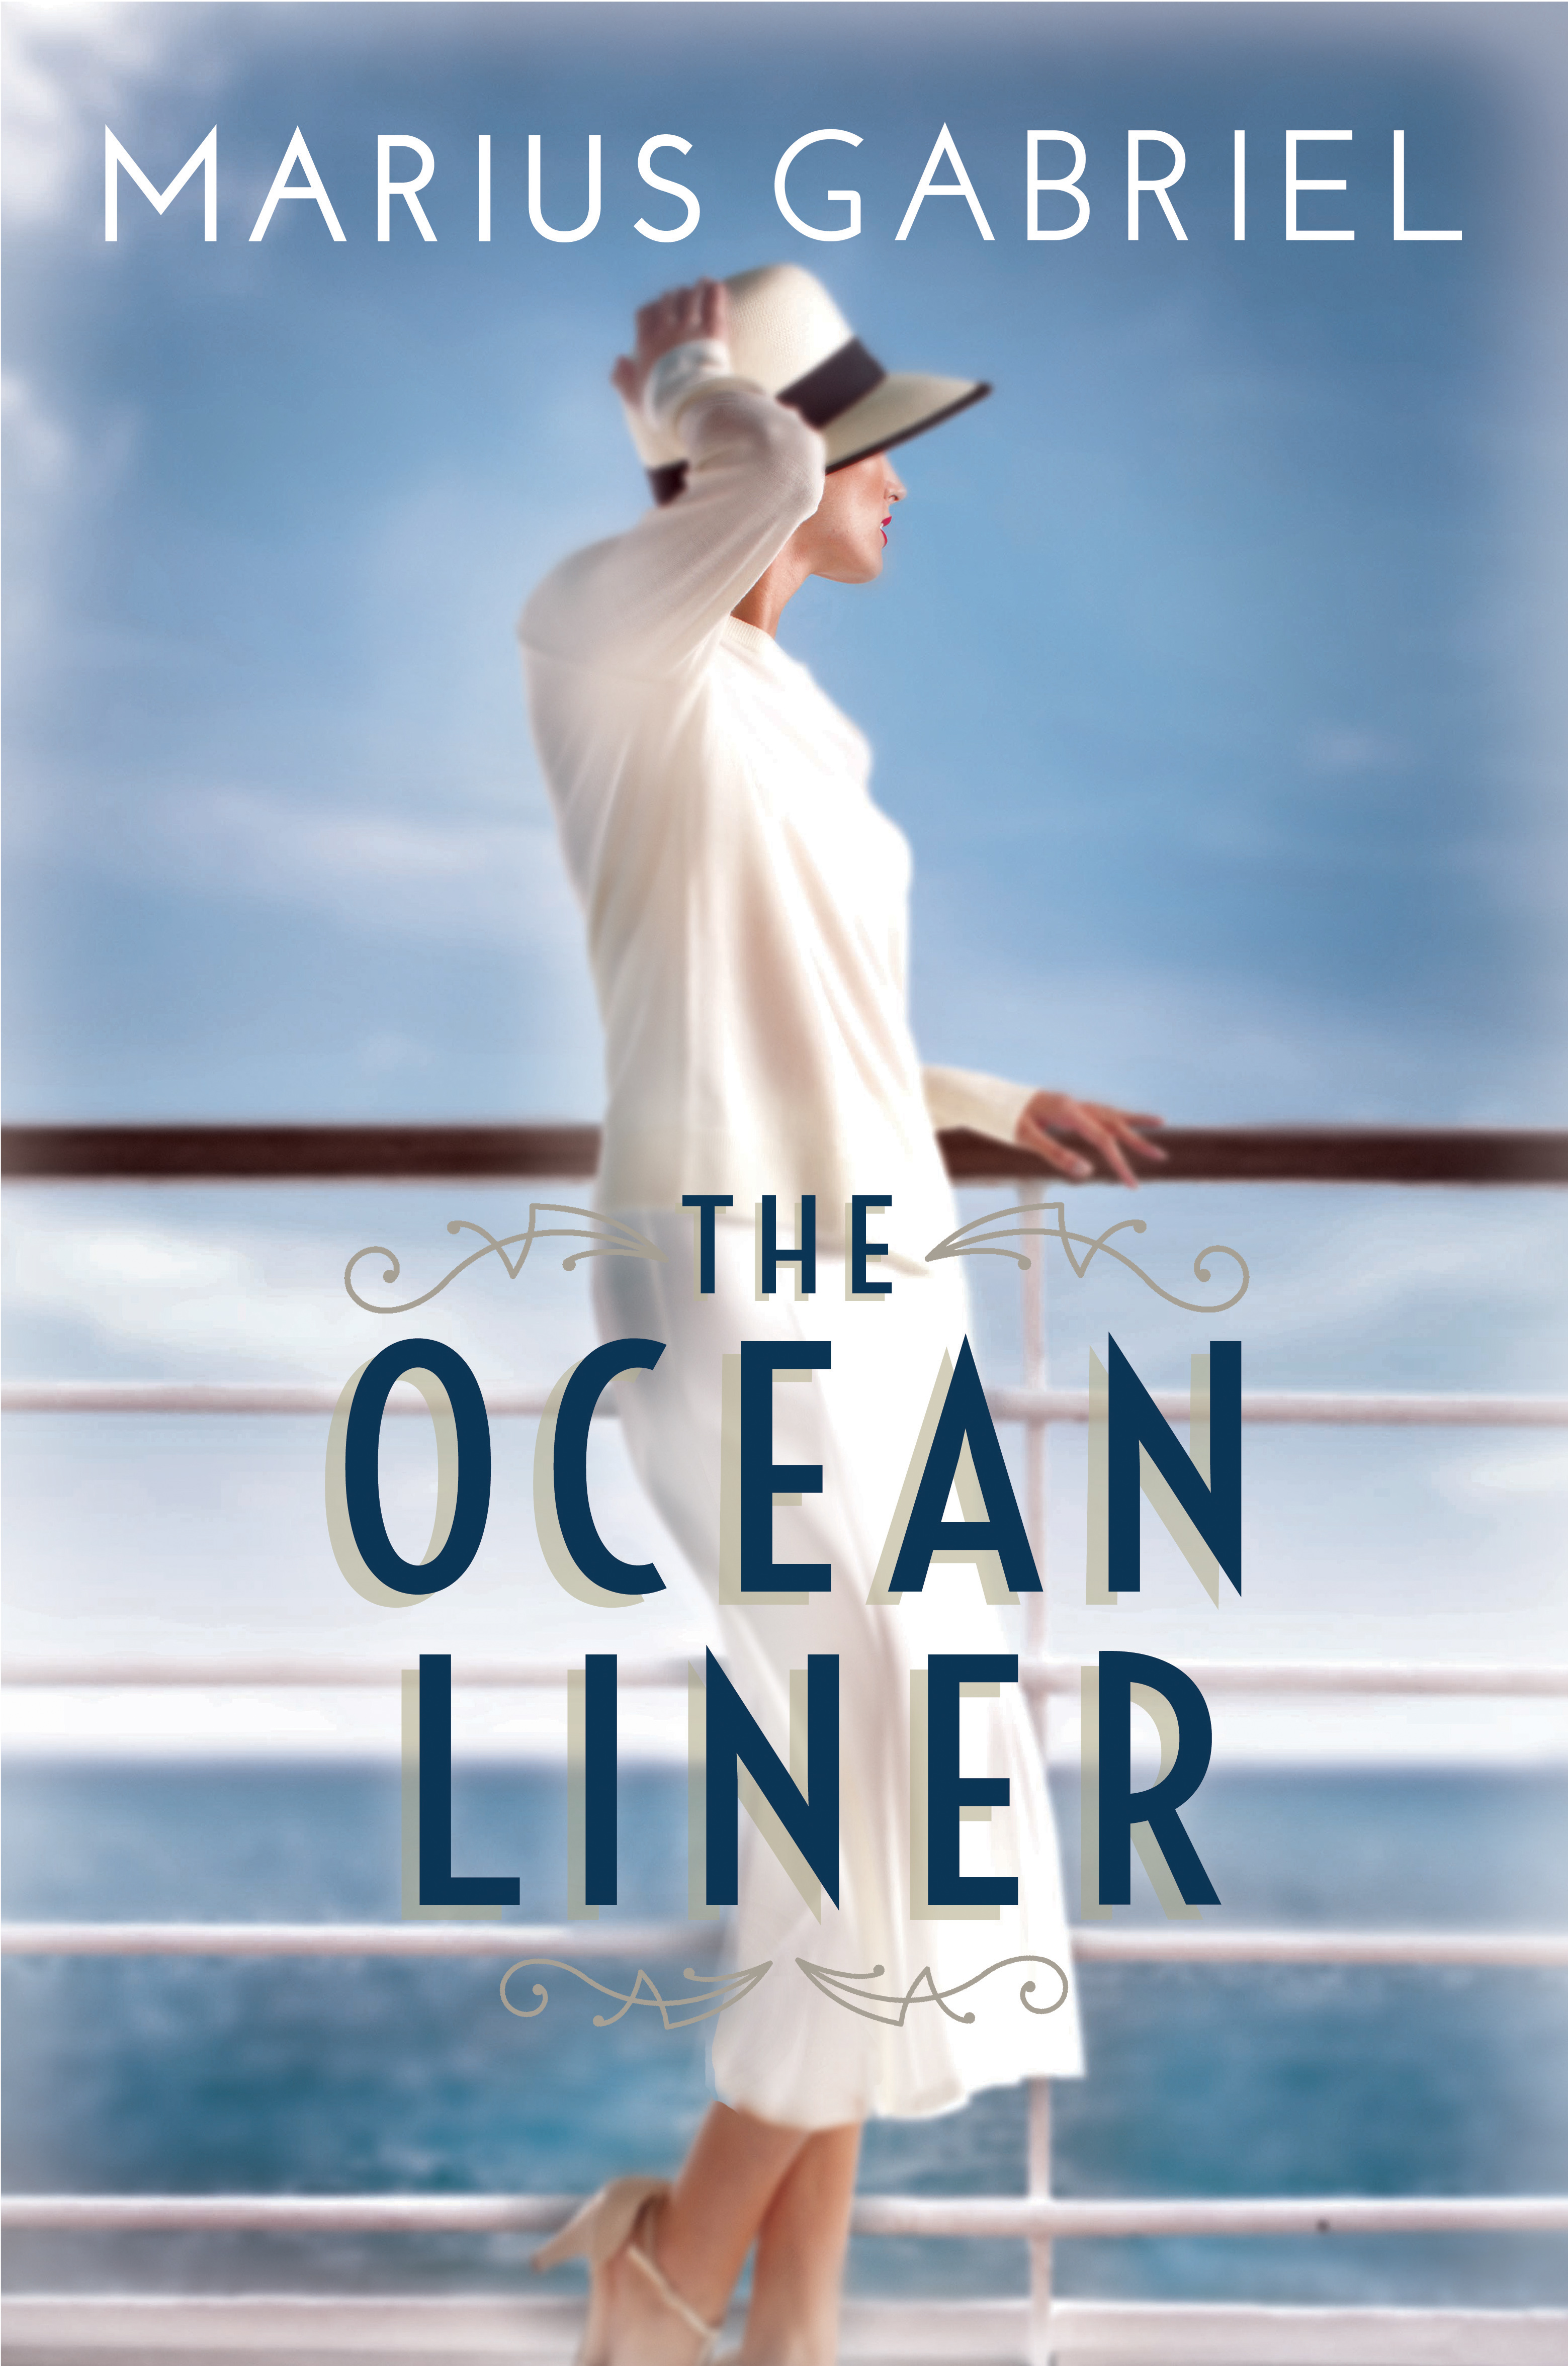 The Ocean Liner